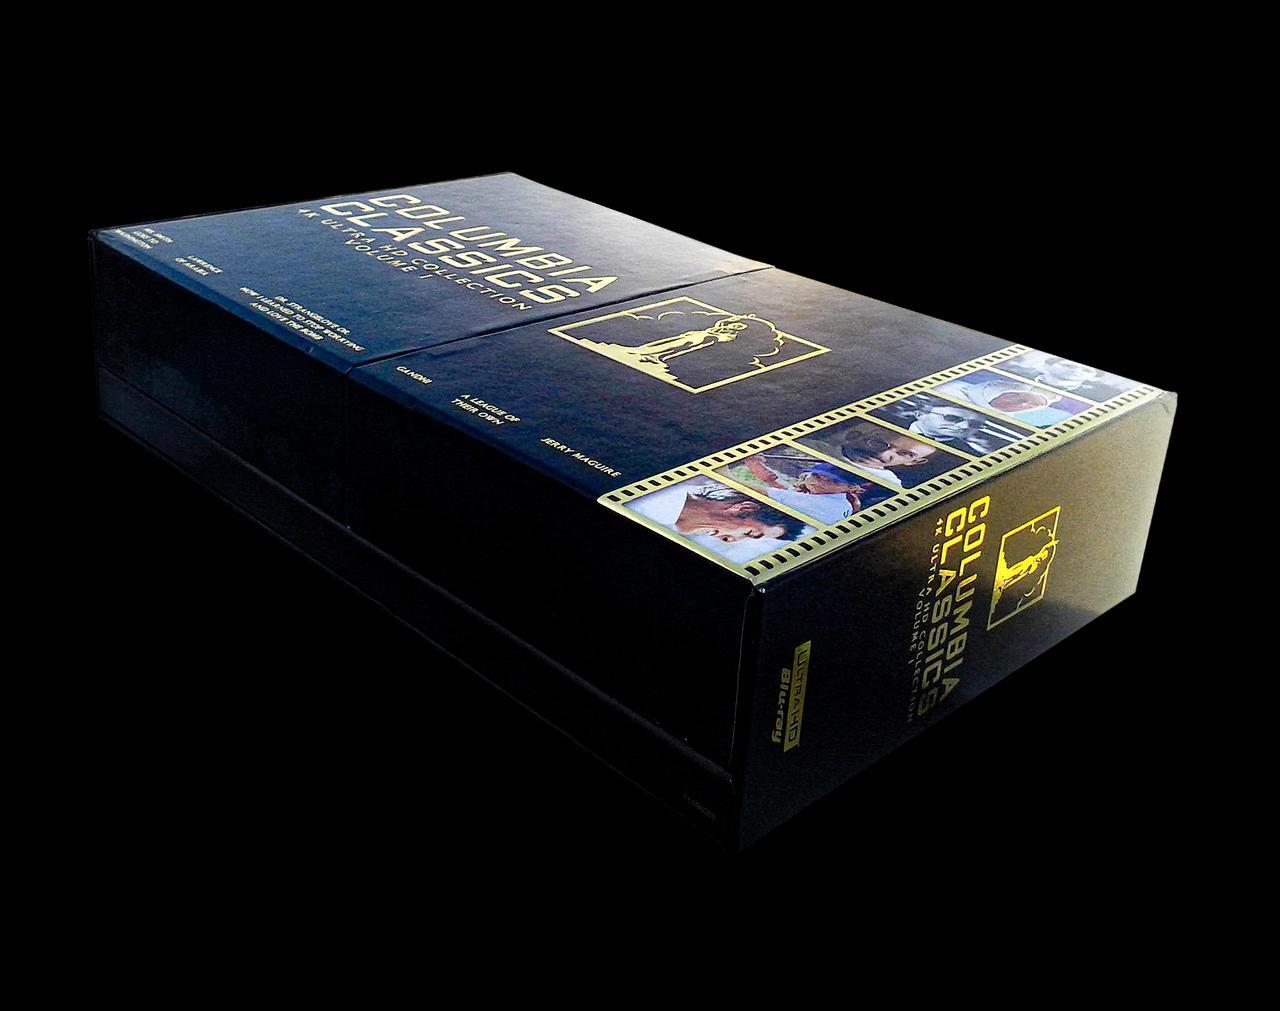 画像1: COLUMBIA CLASSICS COLLECTION - 4K UHD BLU-RAY LIMITED BOX-EDTION VOL-1 Mr. Smith Goes to Washington / Lawrence of Arabia / Dr. Strangelove Gandhi / A League of Their Own / Jerry Maguire with DOLBY VISION/DOLBY ATMOS/4K DIGITAL RESTORATION